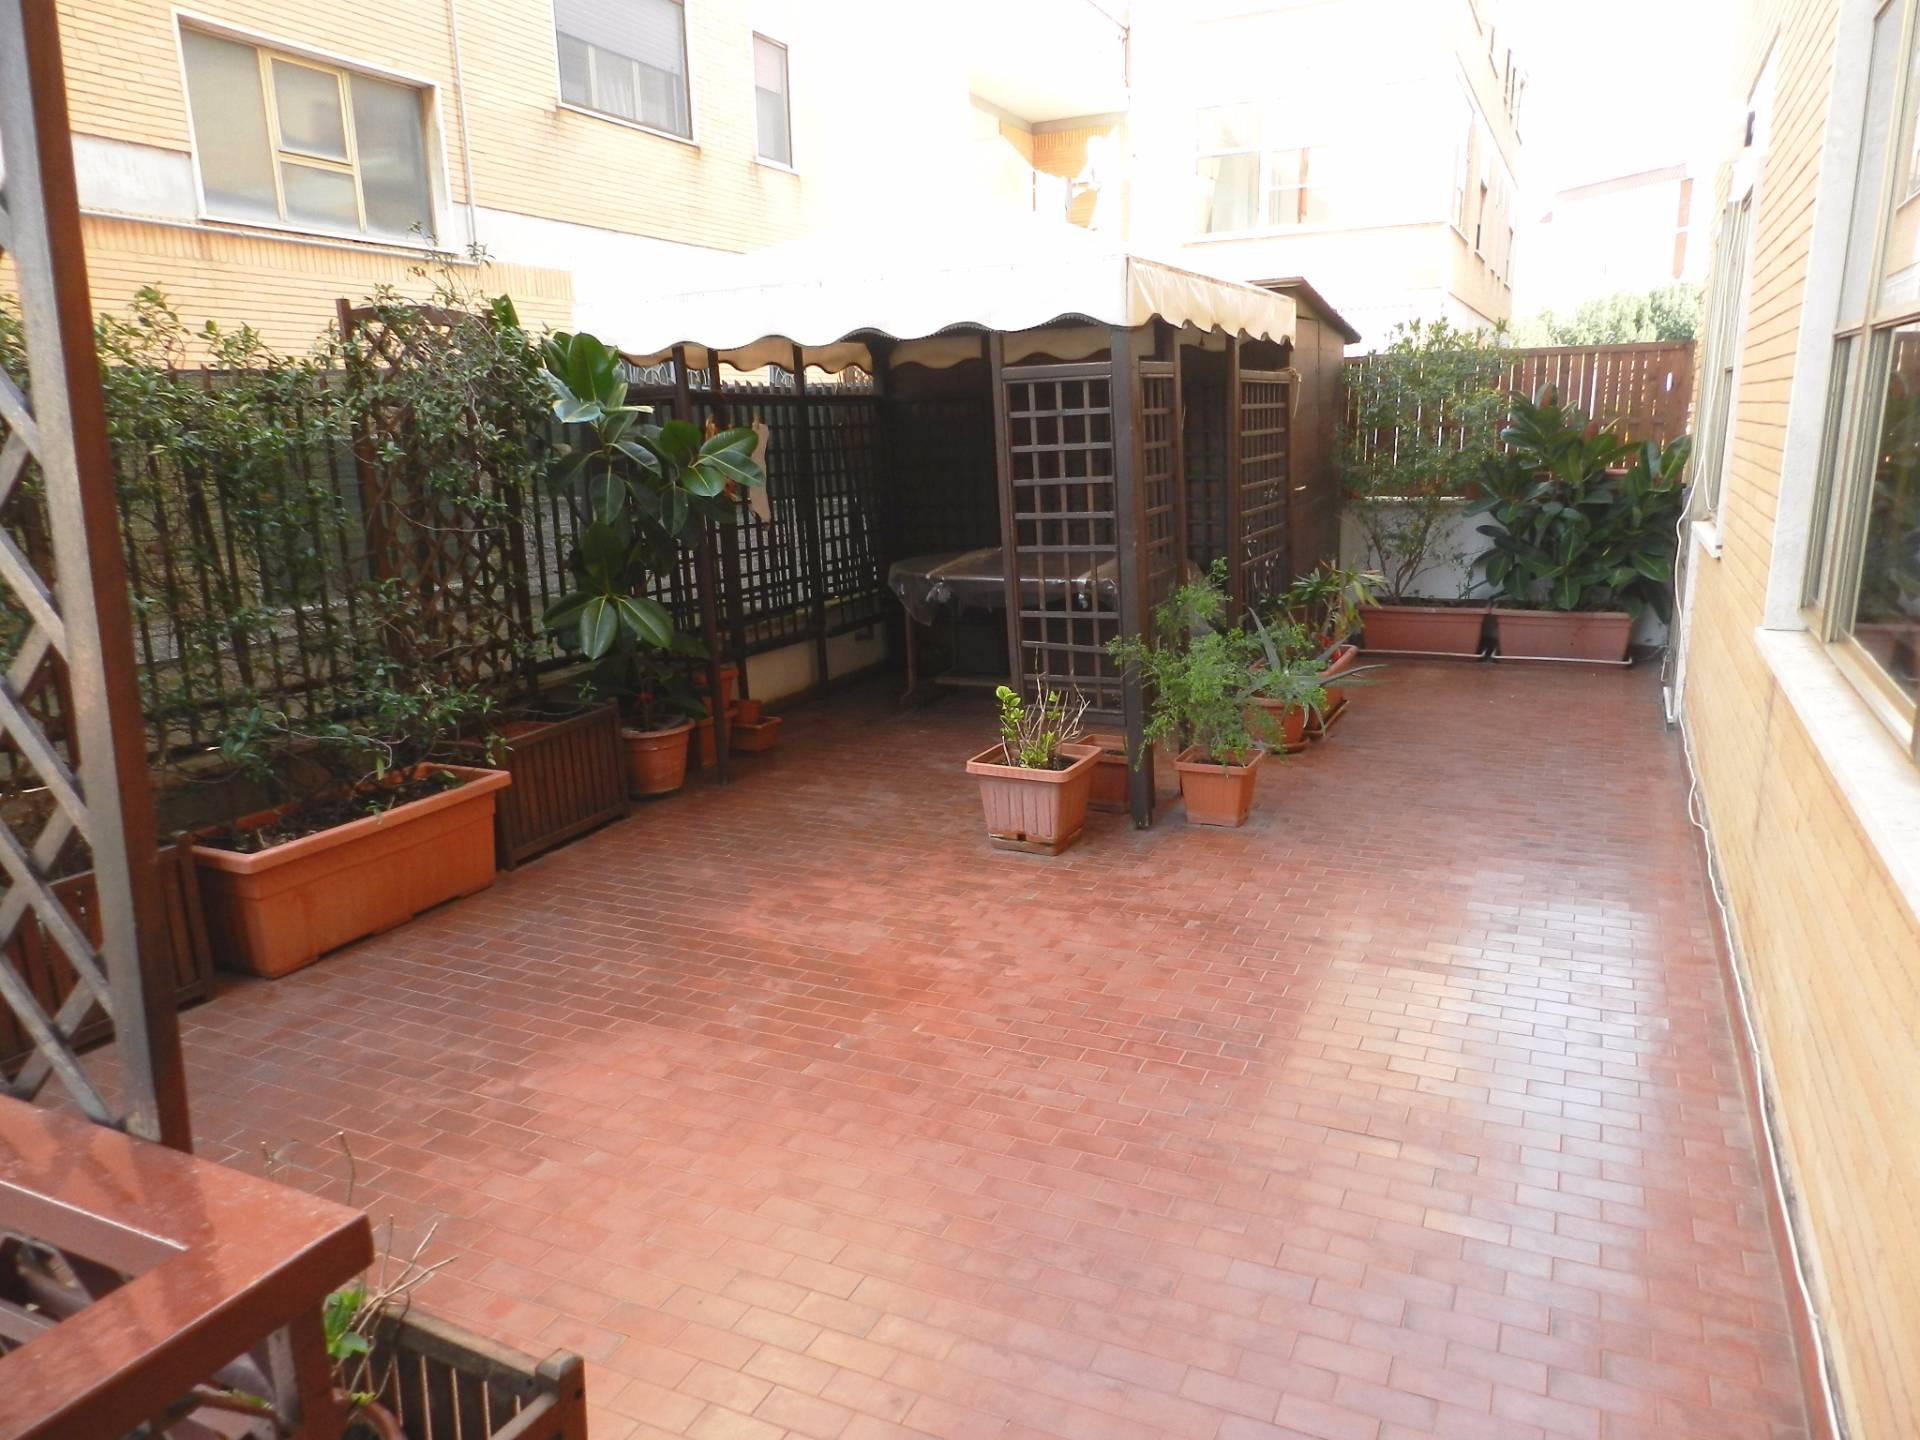 Appartamento in vendita a Tarquinia, 4 locali, zona Località: Ospedale, prezzo € 195.000 | CambioCasa.it